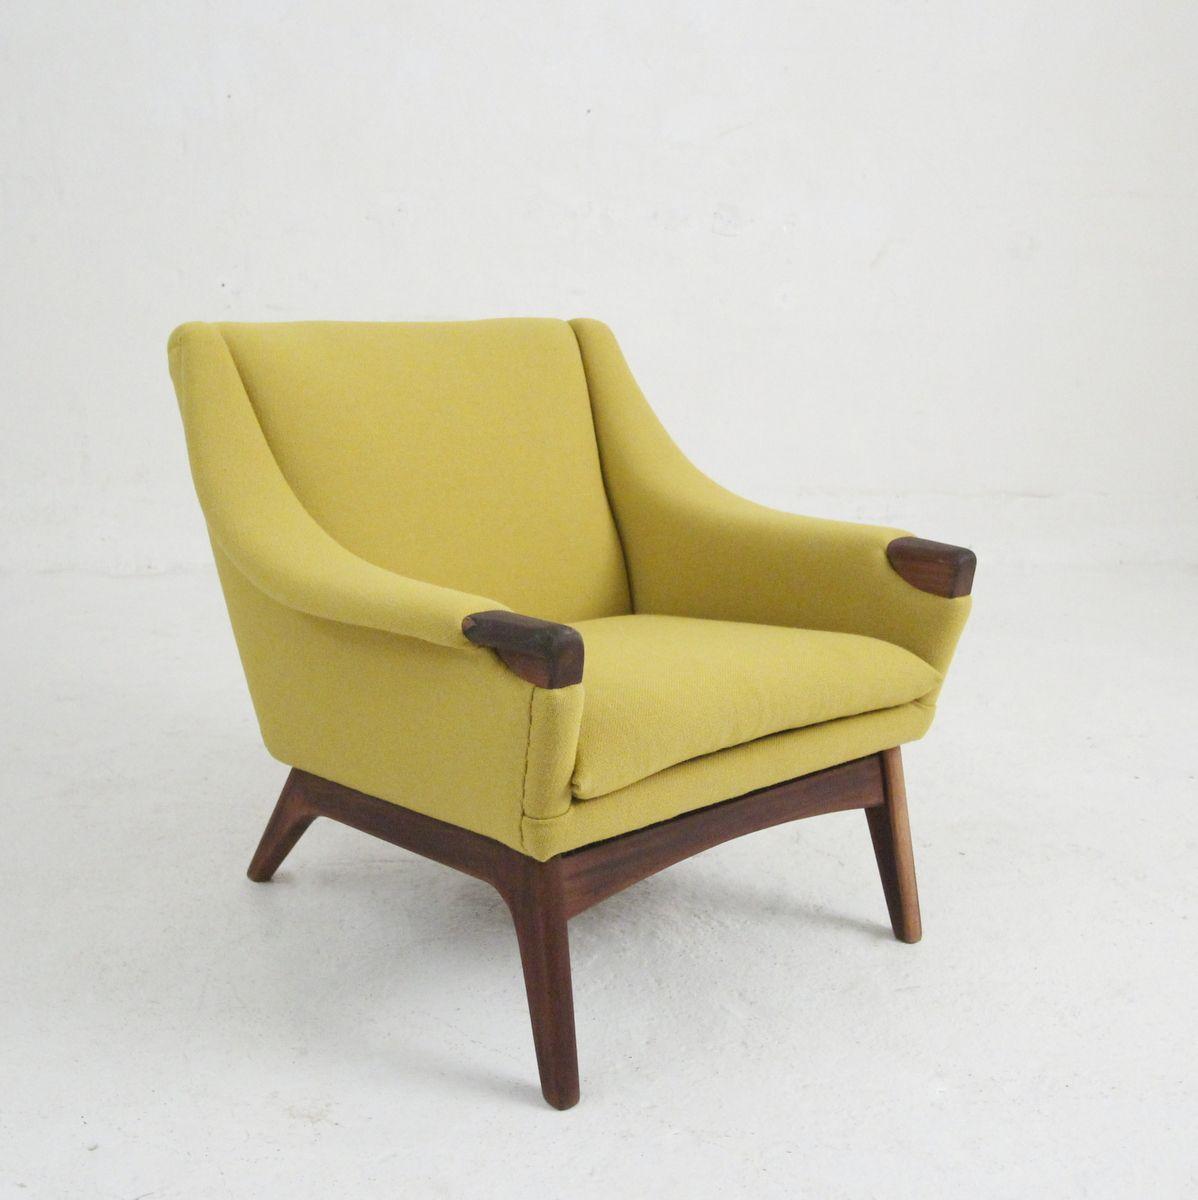 Sessel Aus Holz dänischer vintage sessel aus holz wolle bei pamono kaufen